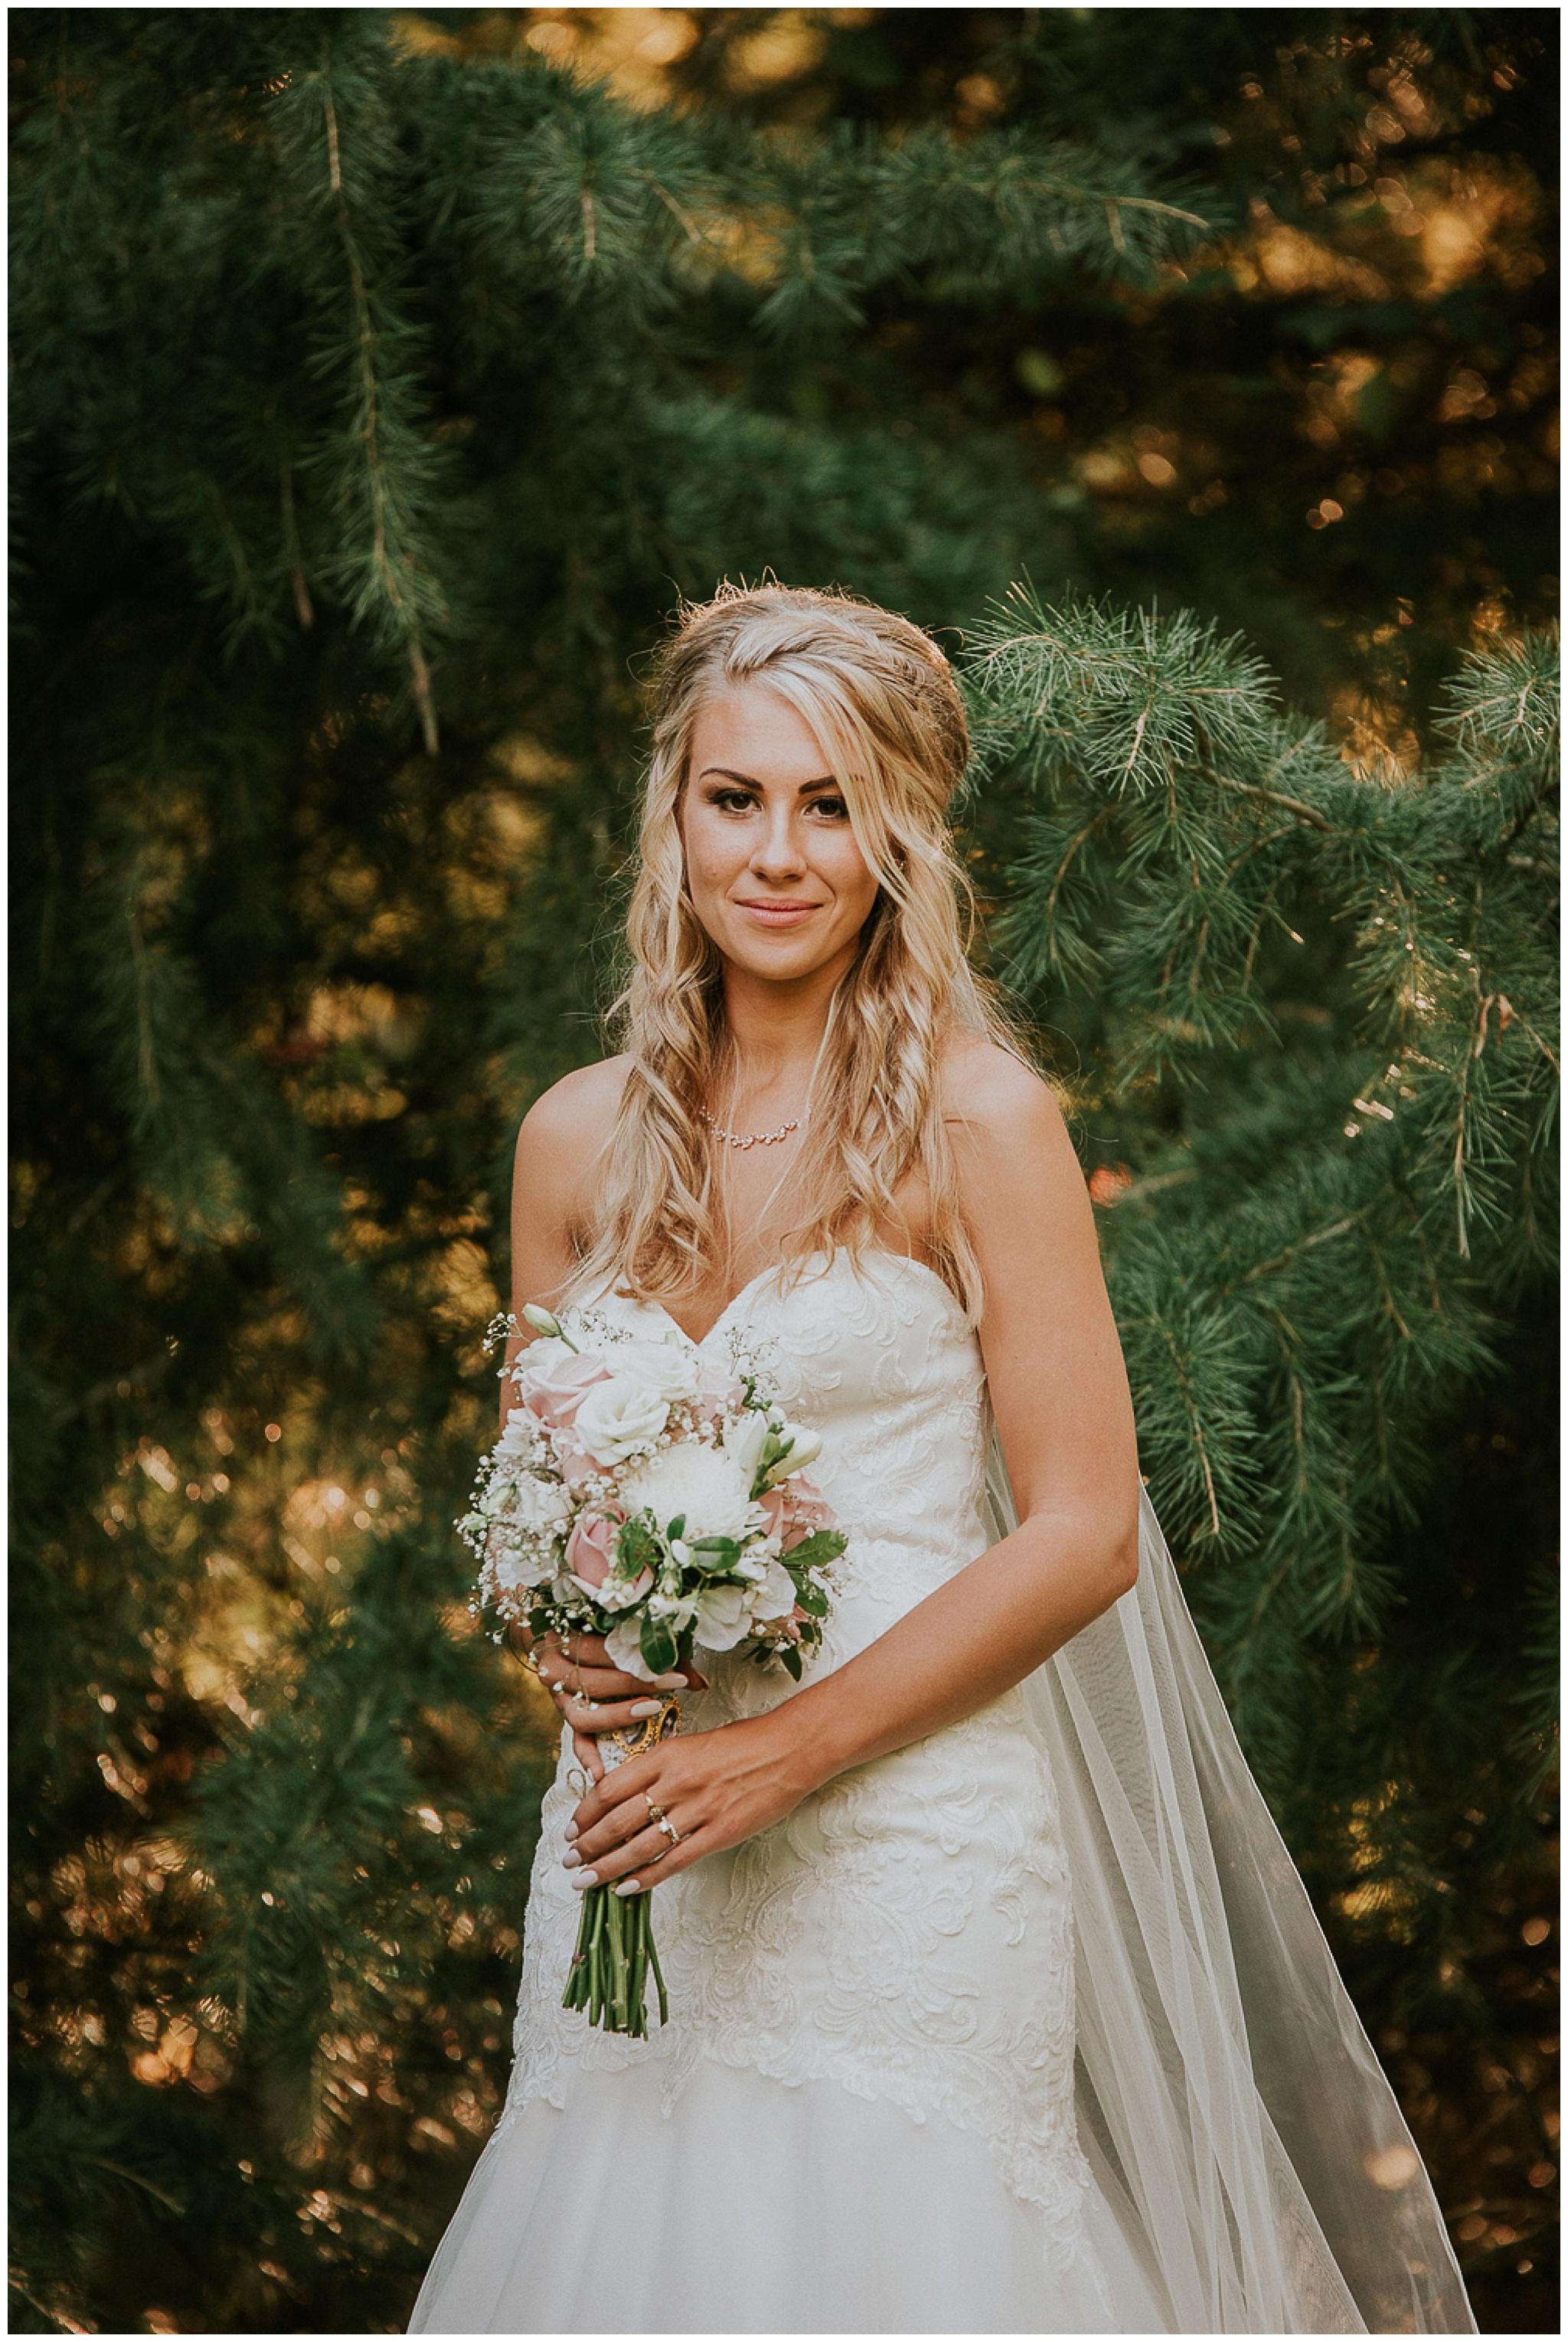 chad-jakalah-christchurch-garden-summer-elegant-auckland-wedding-photographer_0044.jpg